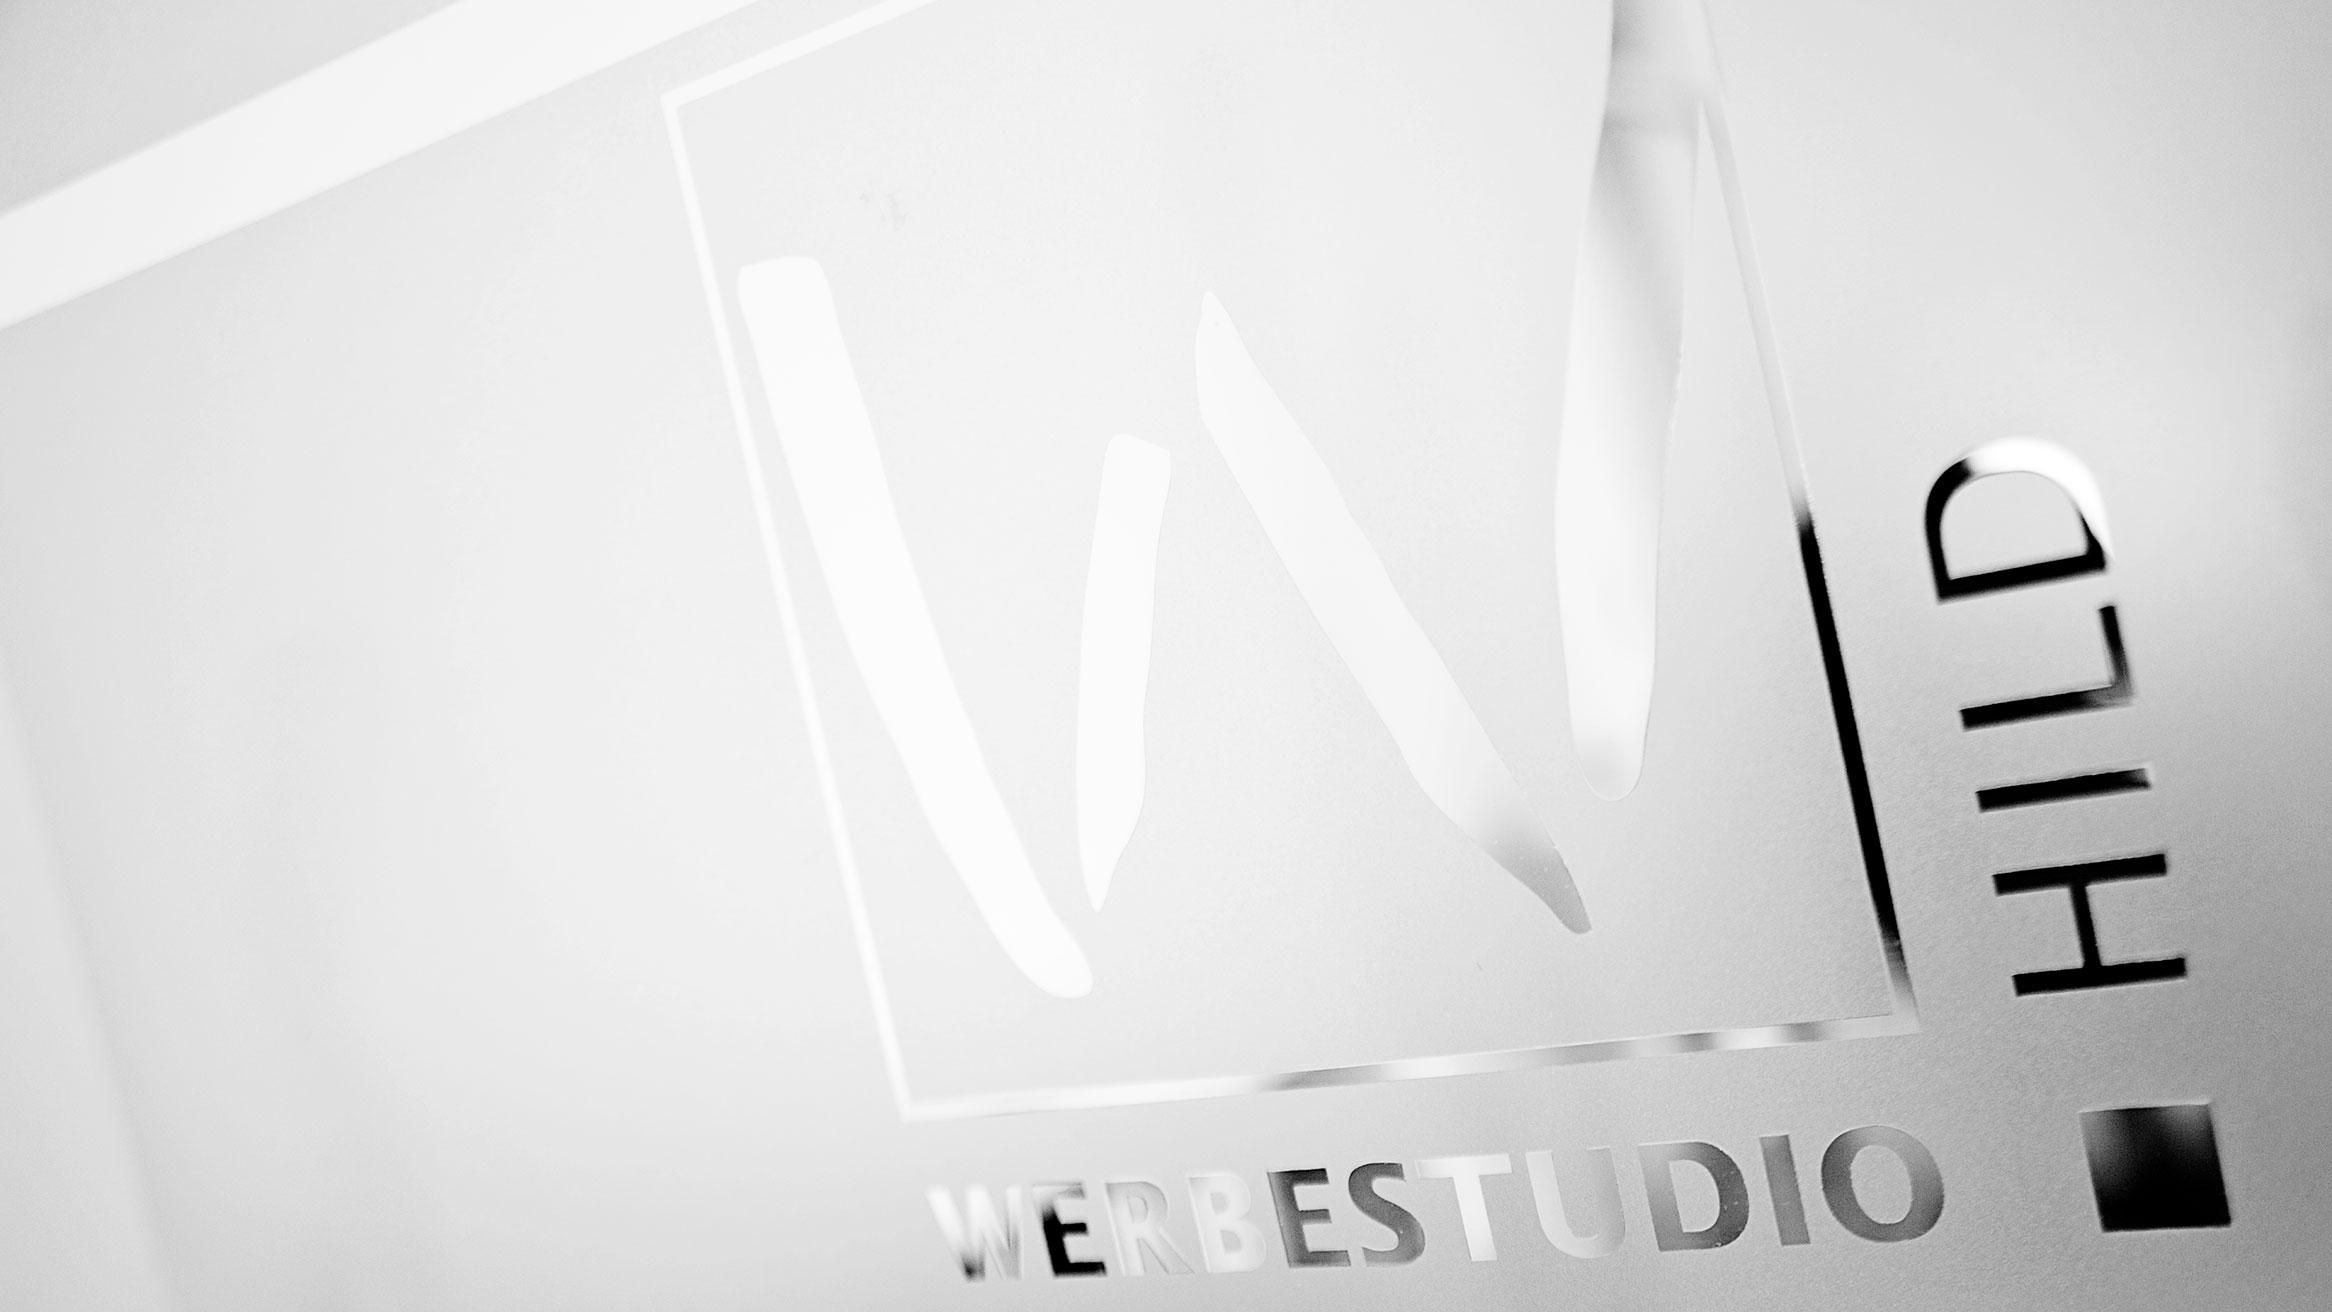 Glasgestaltung Werbestudio Hild